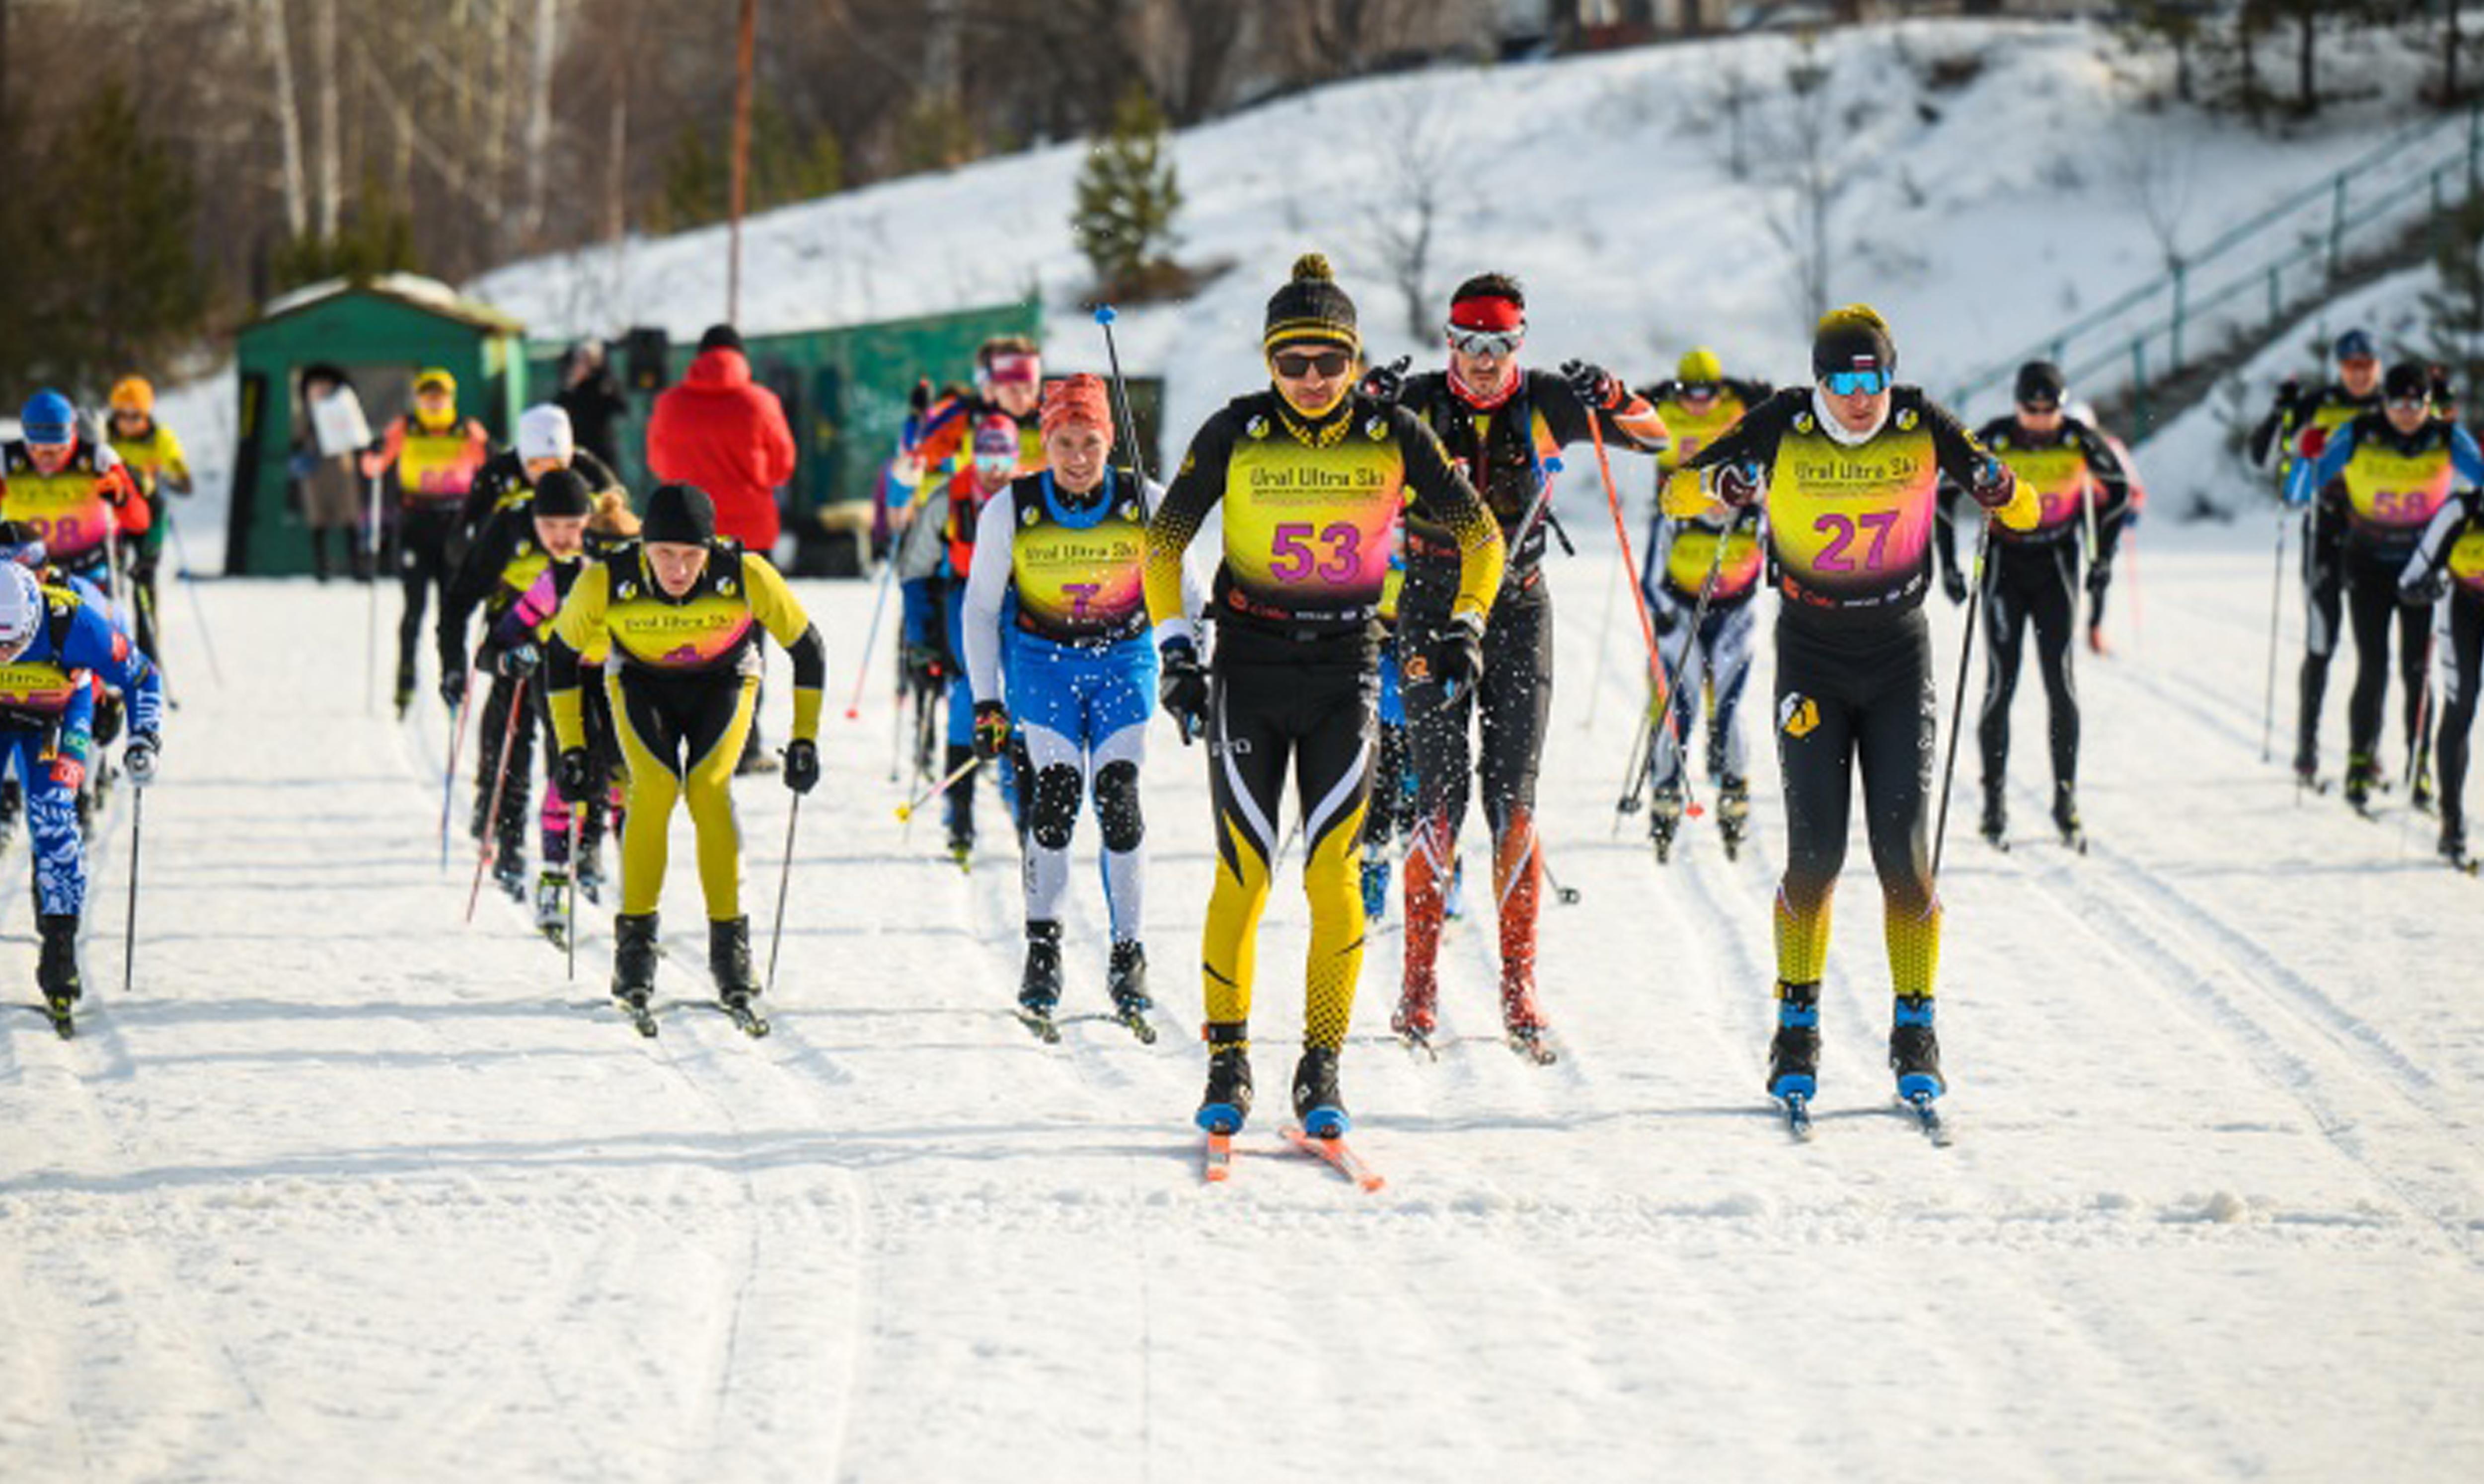 Дистанция 100 км: на Урале прошел ультрамарафон лыжников